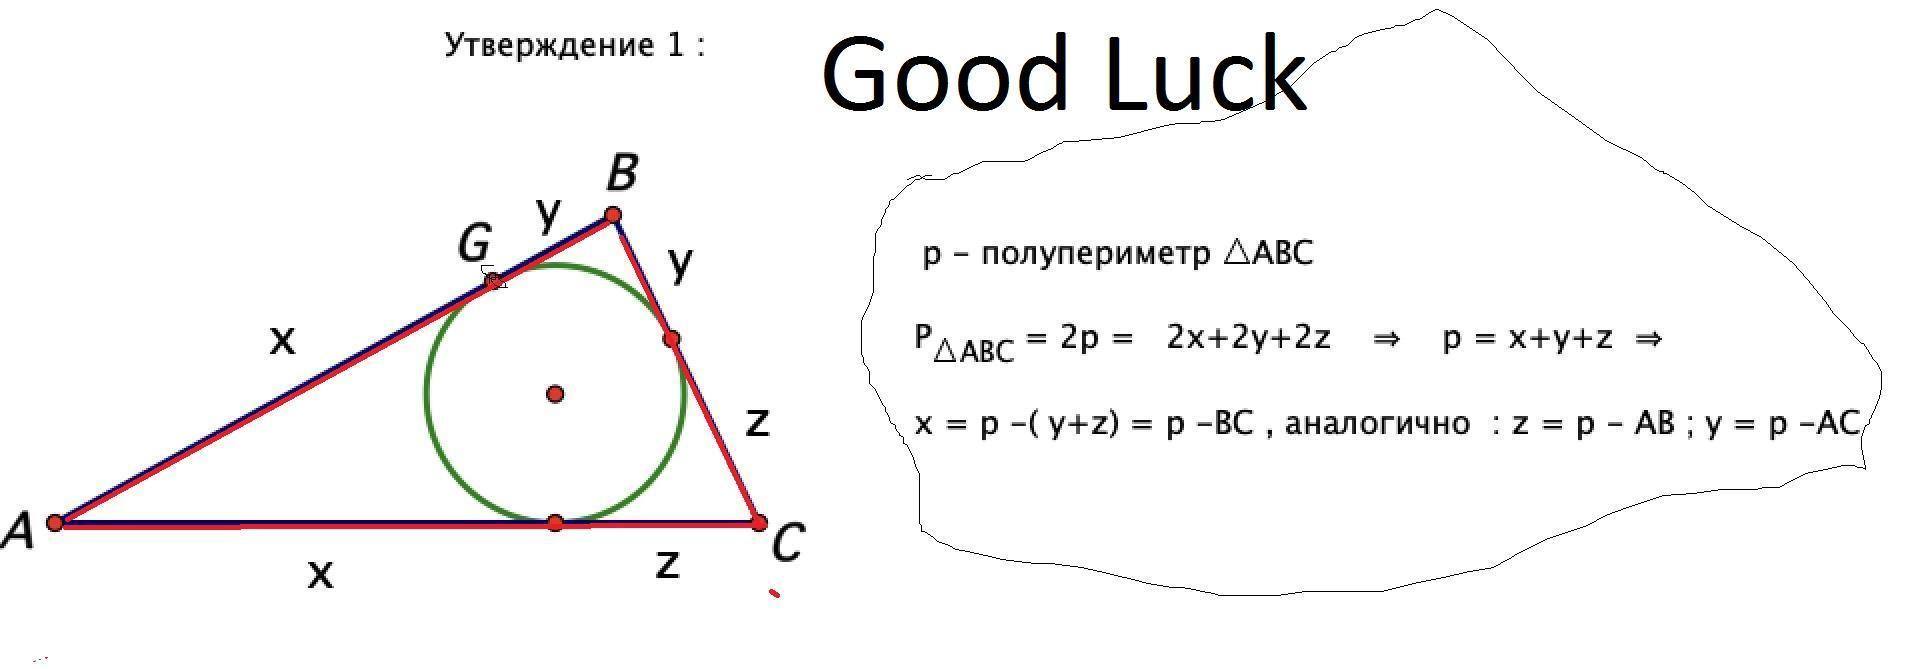 1. Про выпуклый четырёхугольник ABCD известно, что